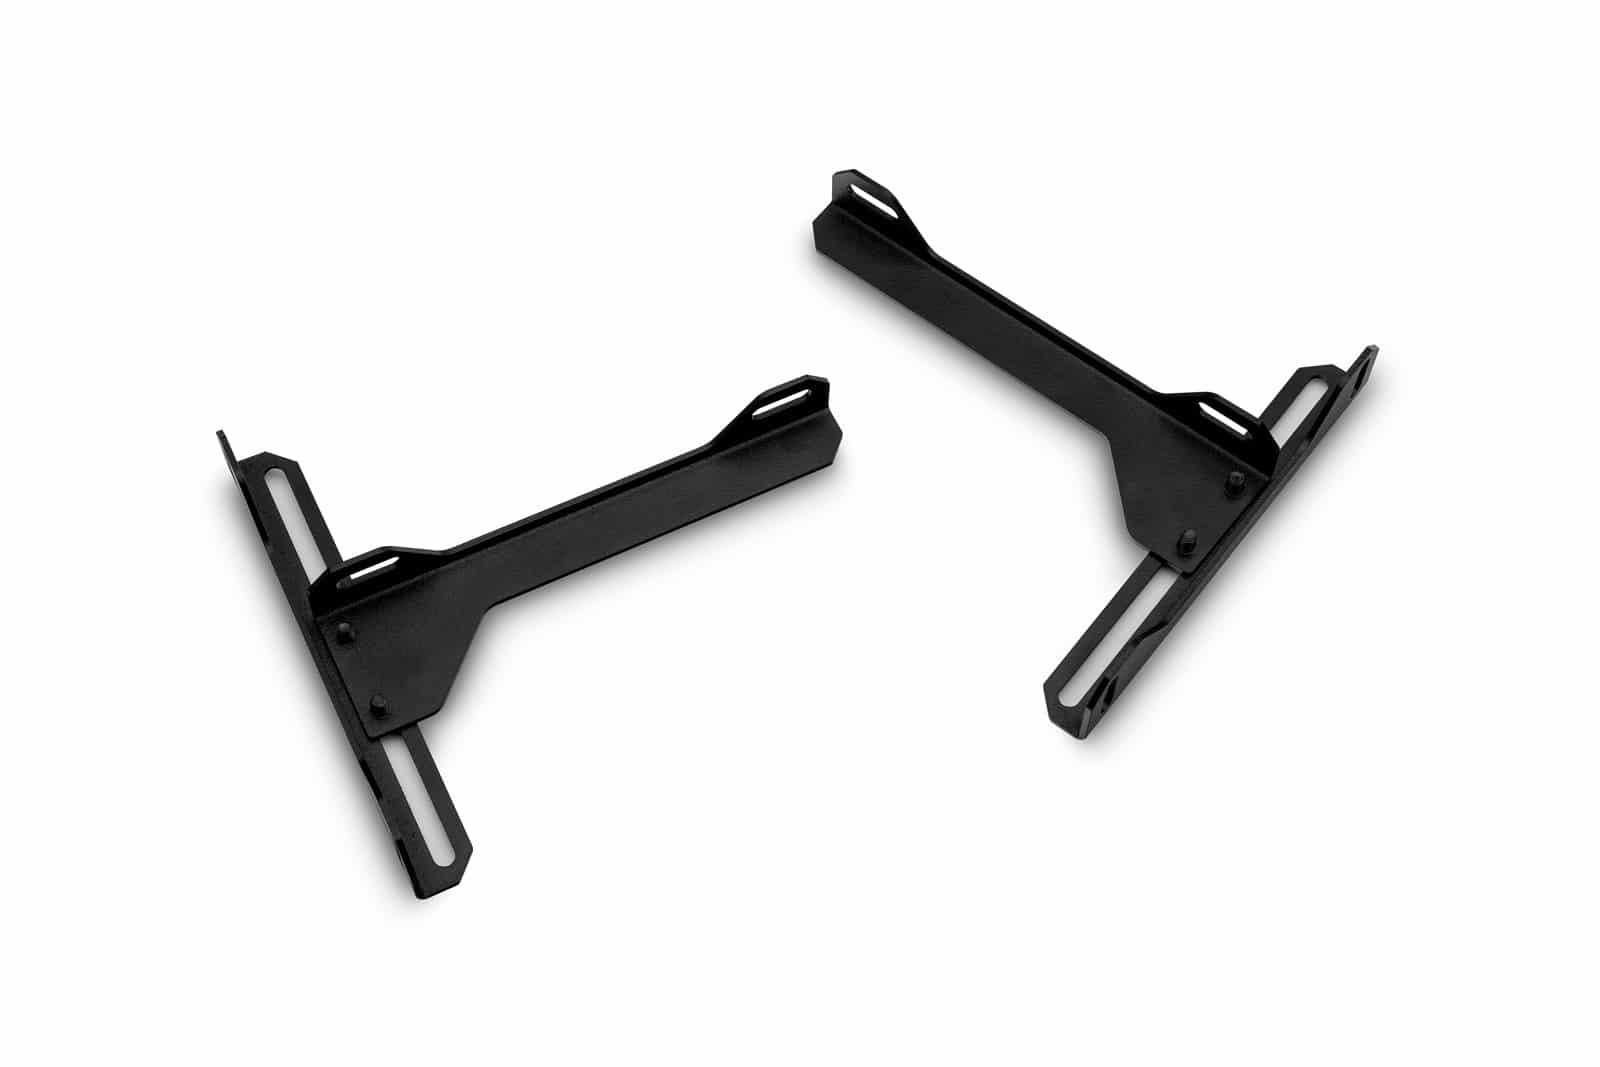 EK-Loop Angled Bracket – 120mm